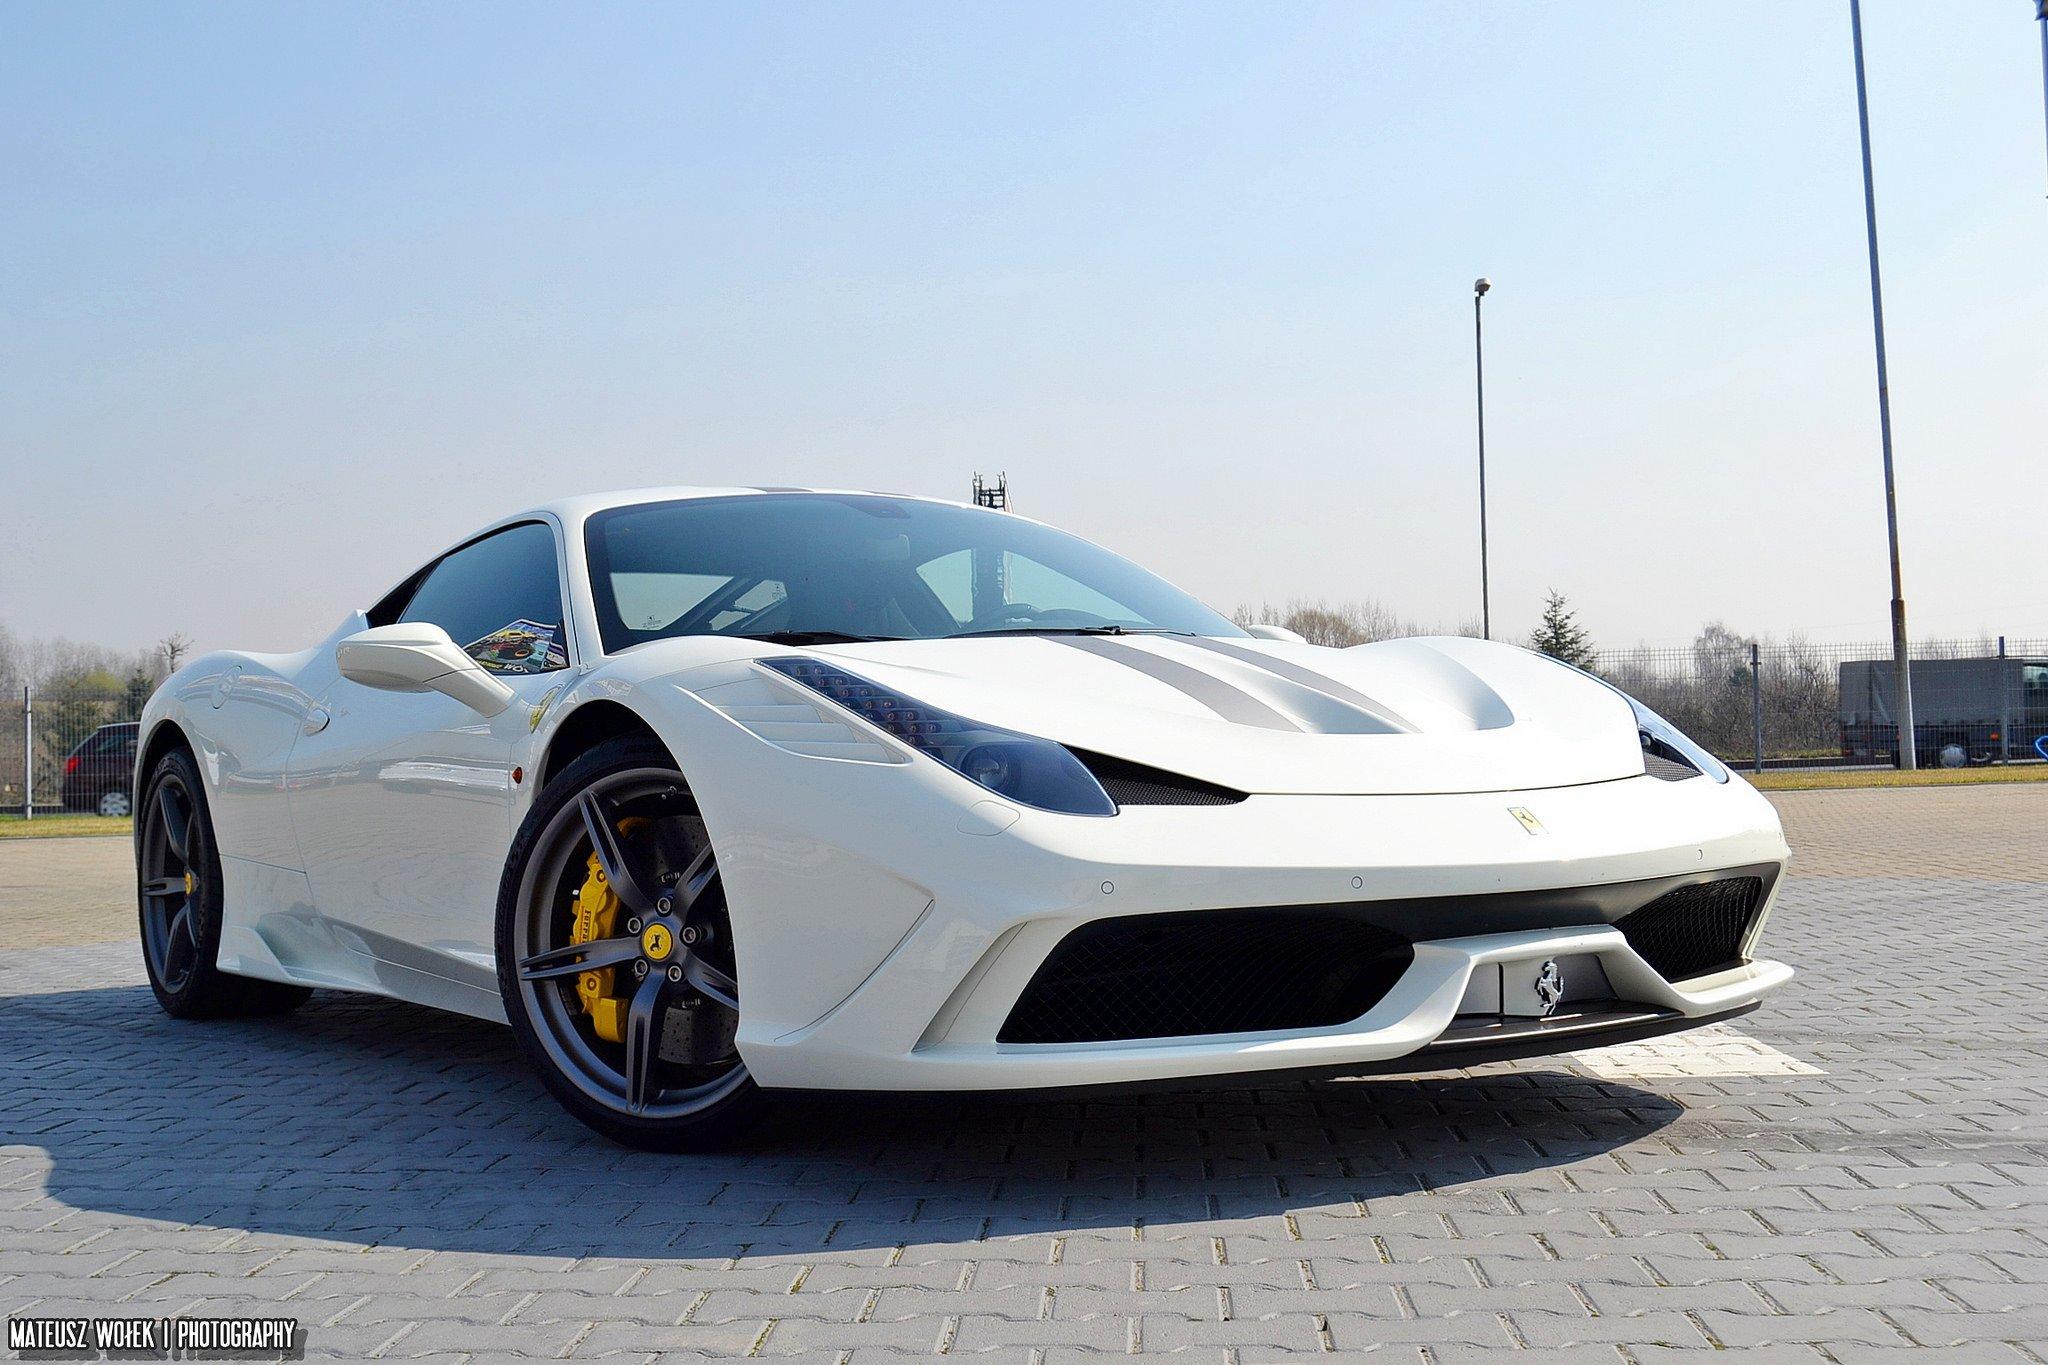 White Ferrari 458 Speciale Wallpaper 2013 458 Ferrari Speciale